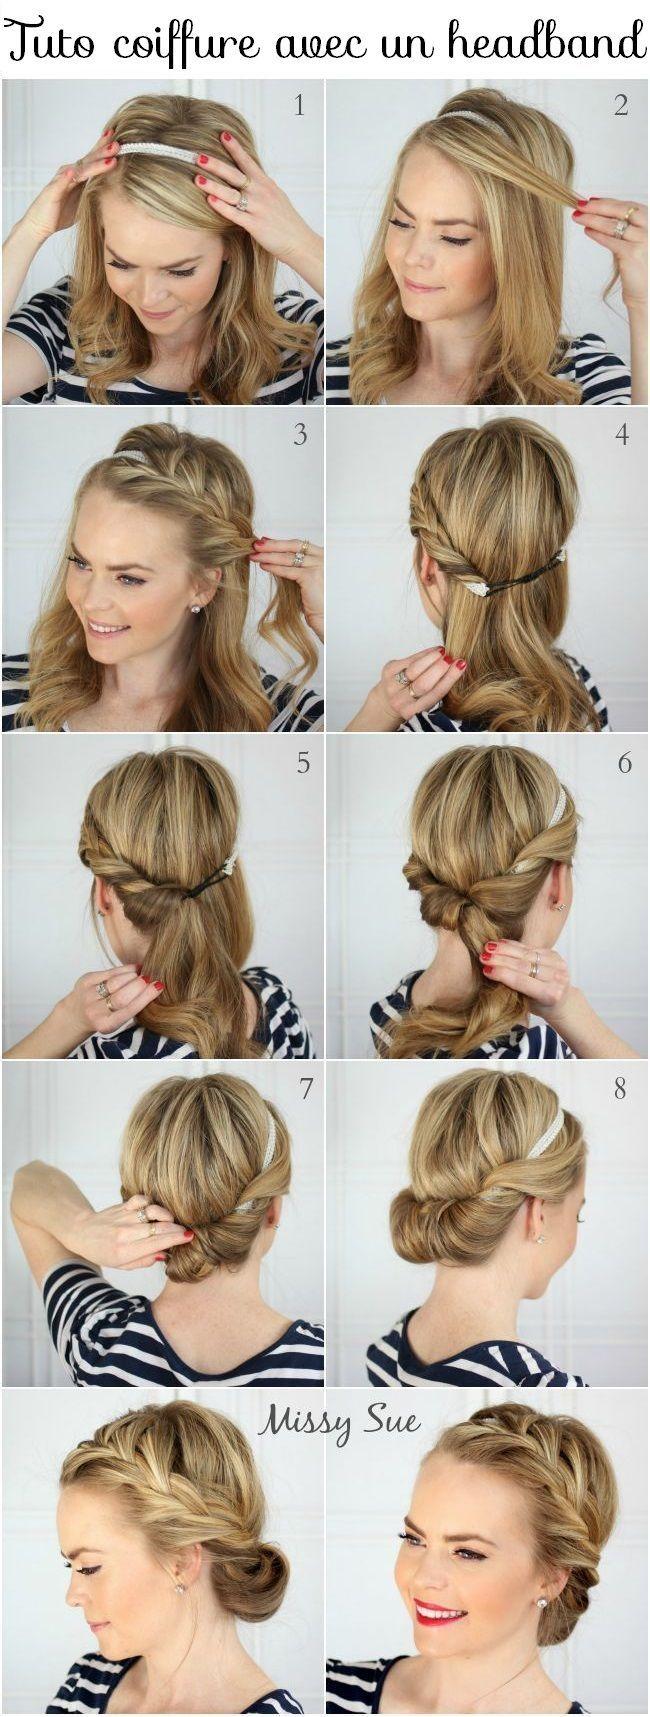 Top Les 25 meilleures idées de la catégorie Tuto coiffure cheveux long  JA53